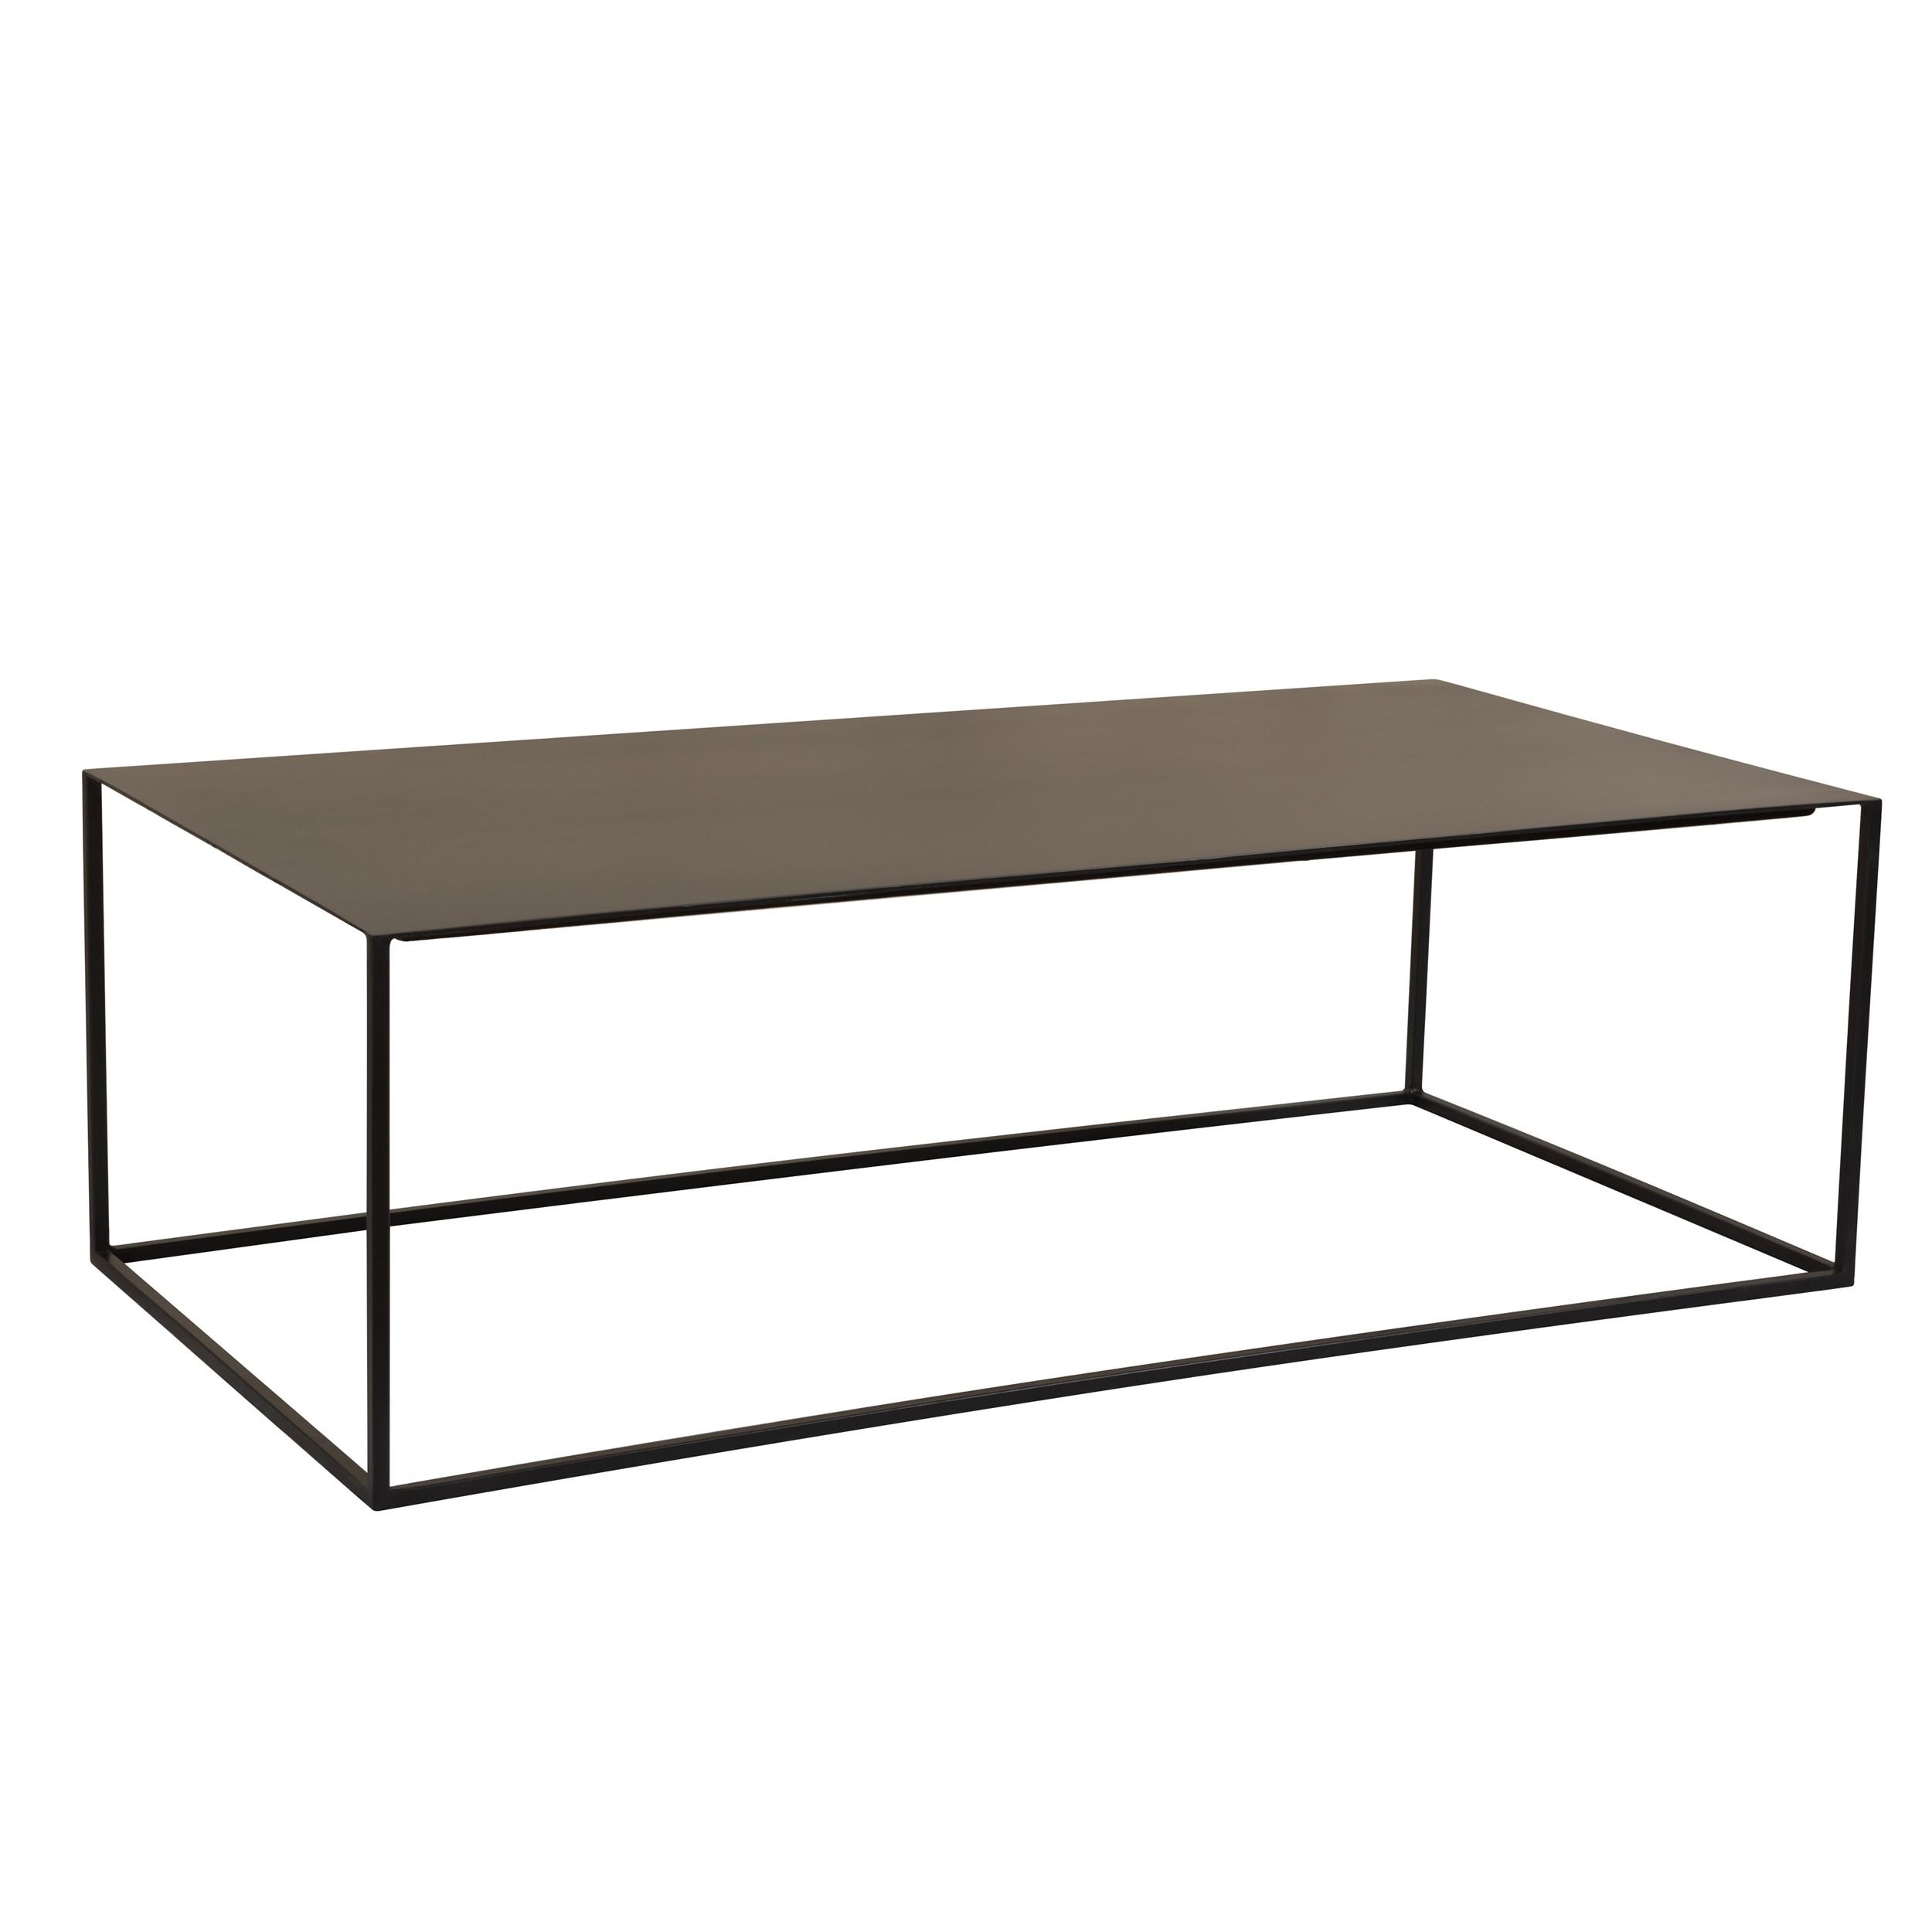 acheter table basse rectangulaire noire